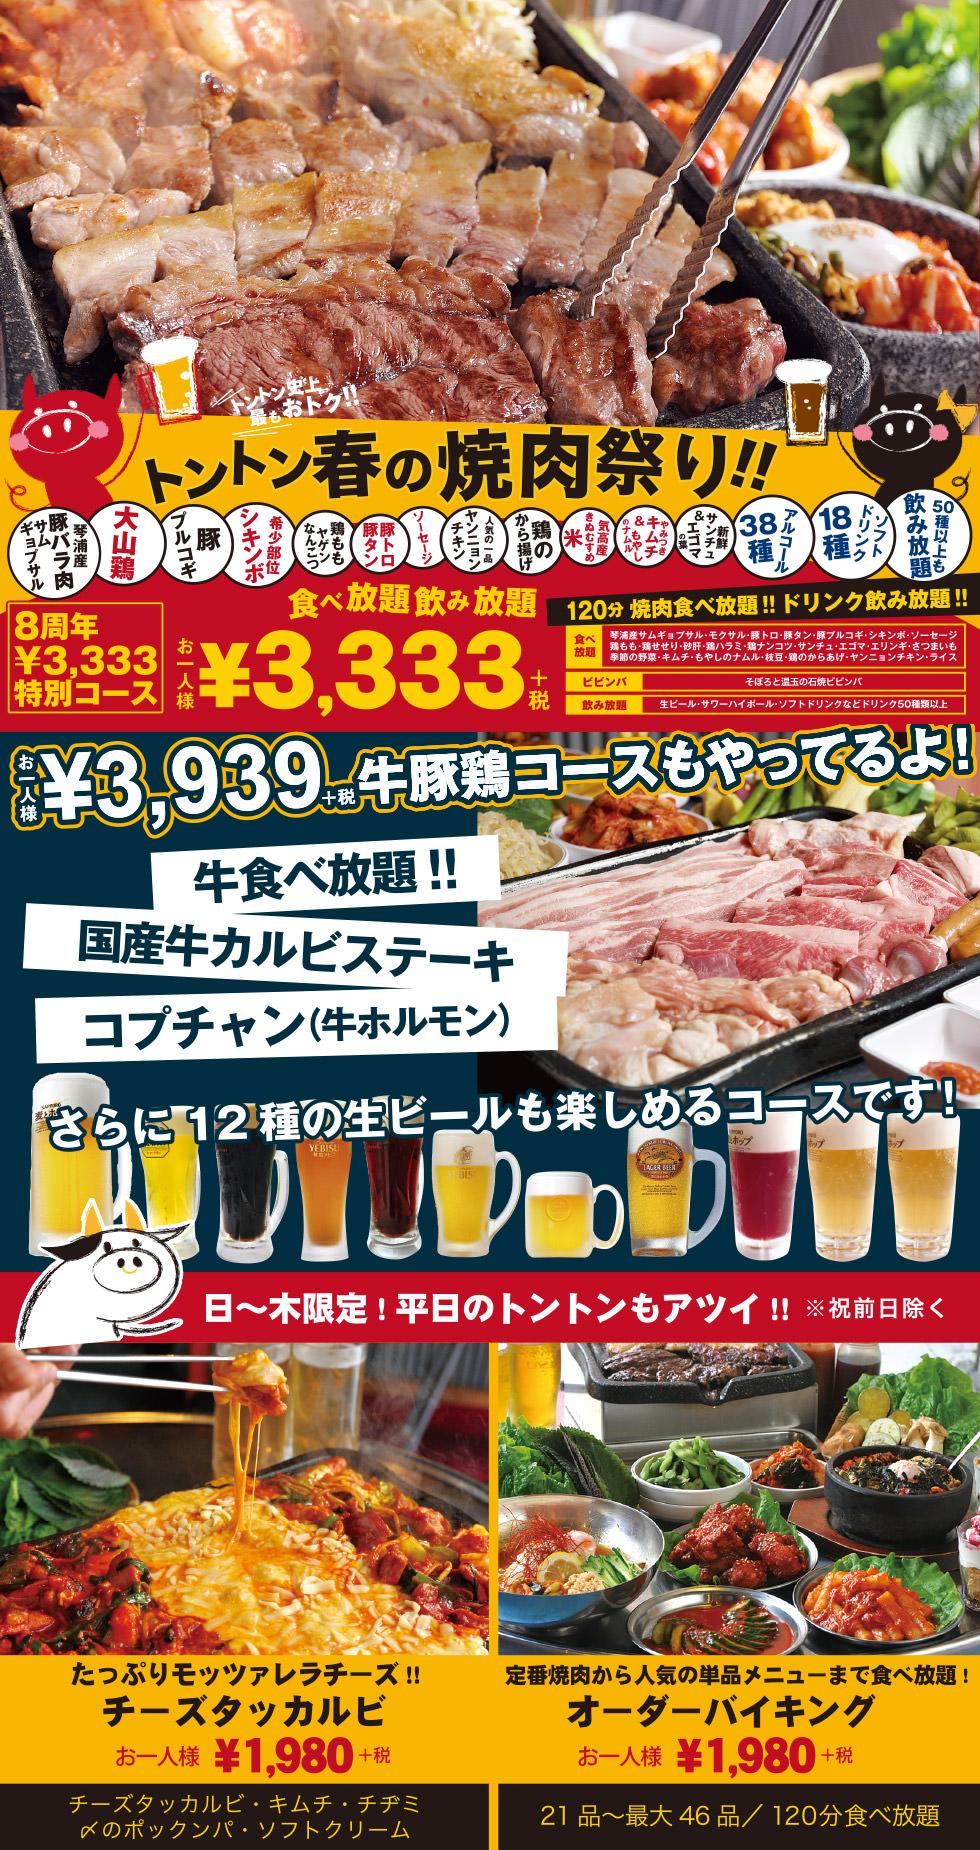 焼肉&鍋食べ放題のよくばり新年会コース!120分飲み放題!